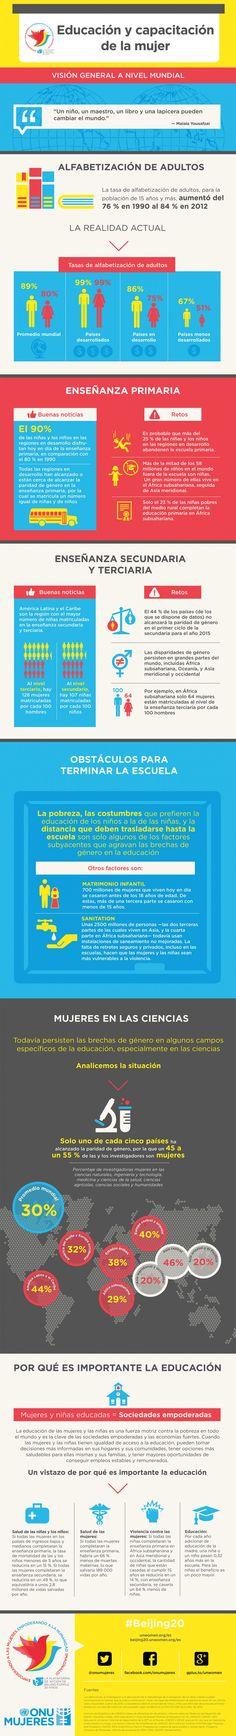 Infografía: Mujeres y niñas educadas = Sociedades empoderadas #DiaInternacionaldelaMujer